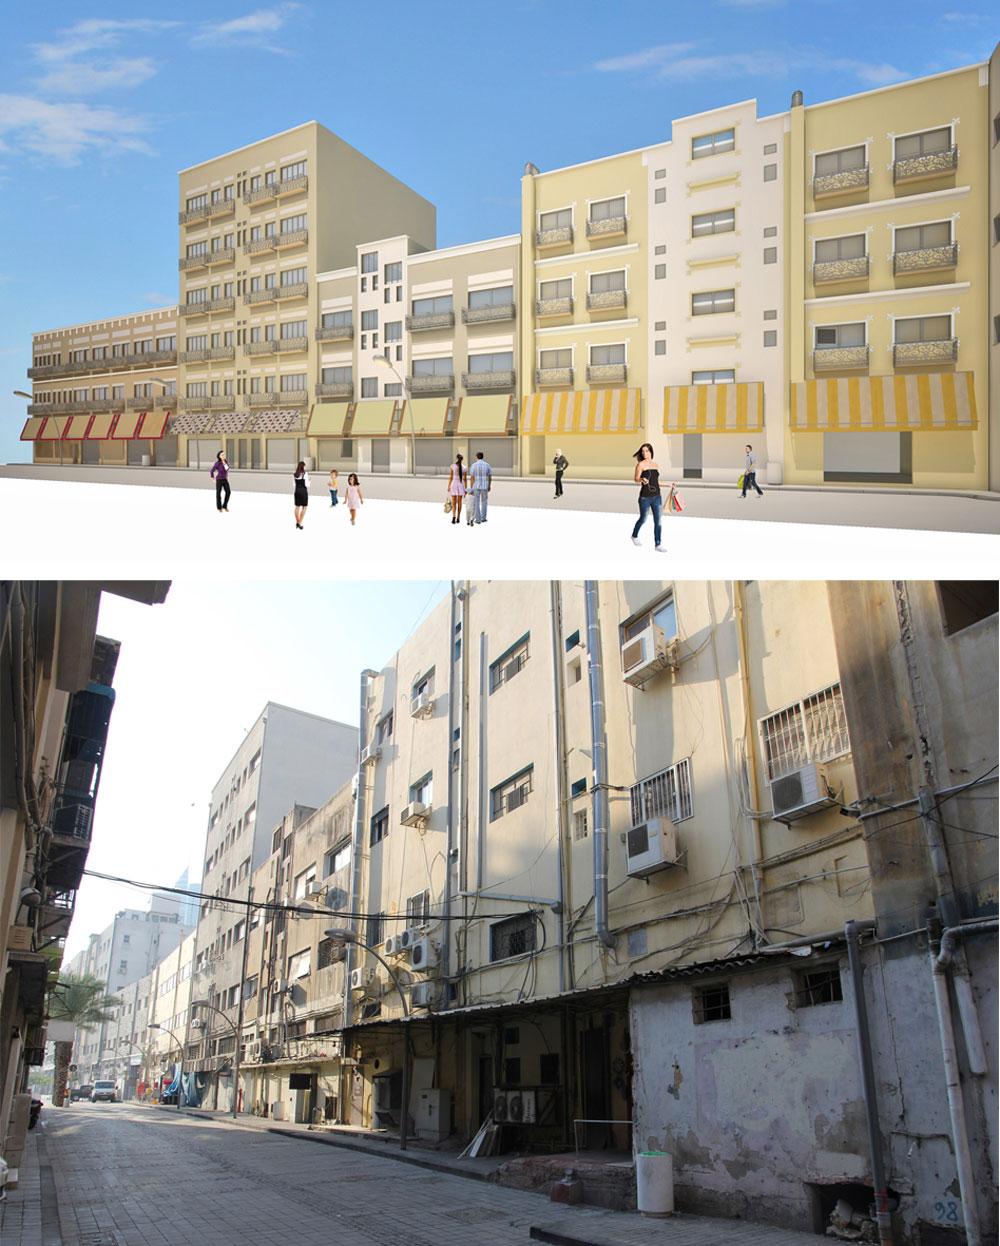 שיפוץ החזיתות ברחוב העצמאות בחיפה (מצב כיום והדמיית השיפוץ). התהליך נעשה בשיתוף בעלי הנכסים ובמימונם (באדיבות אוג'י אדריכלים)